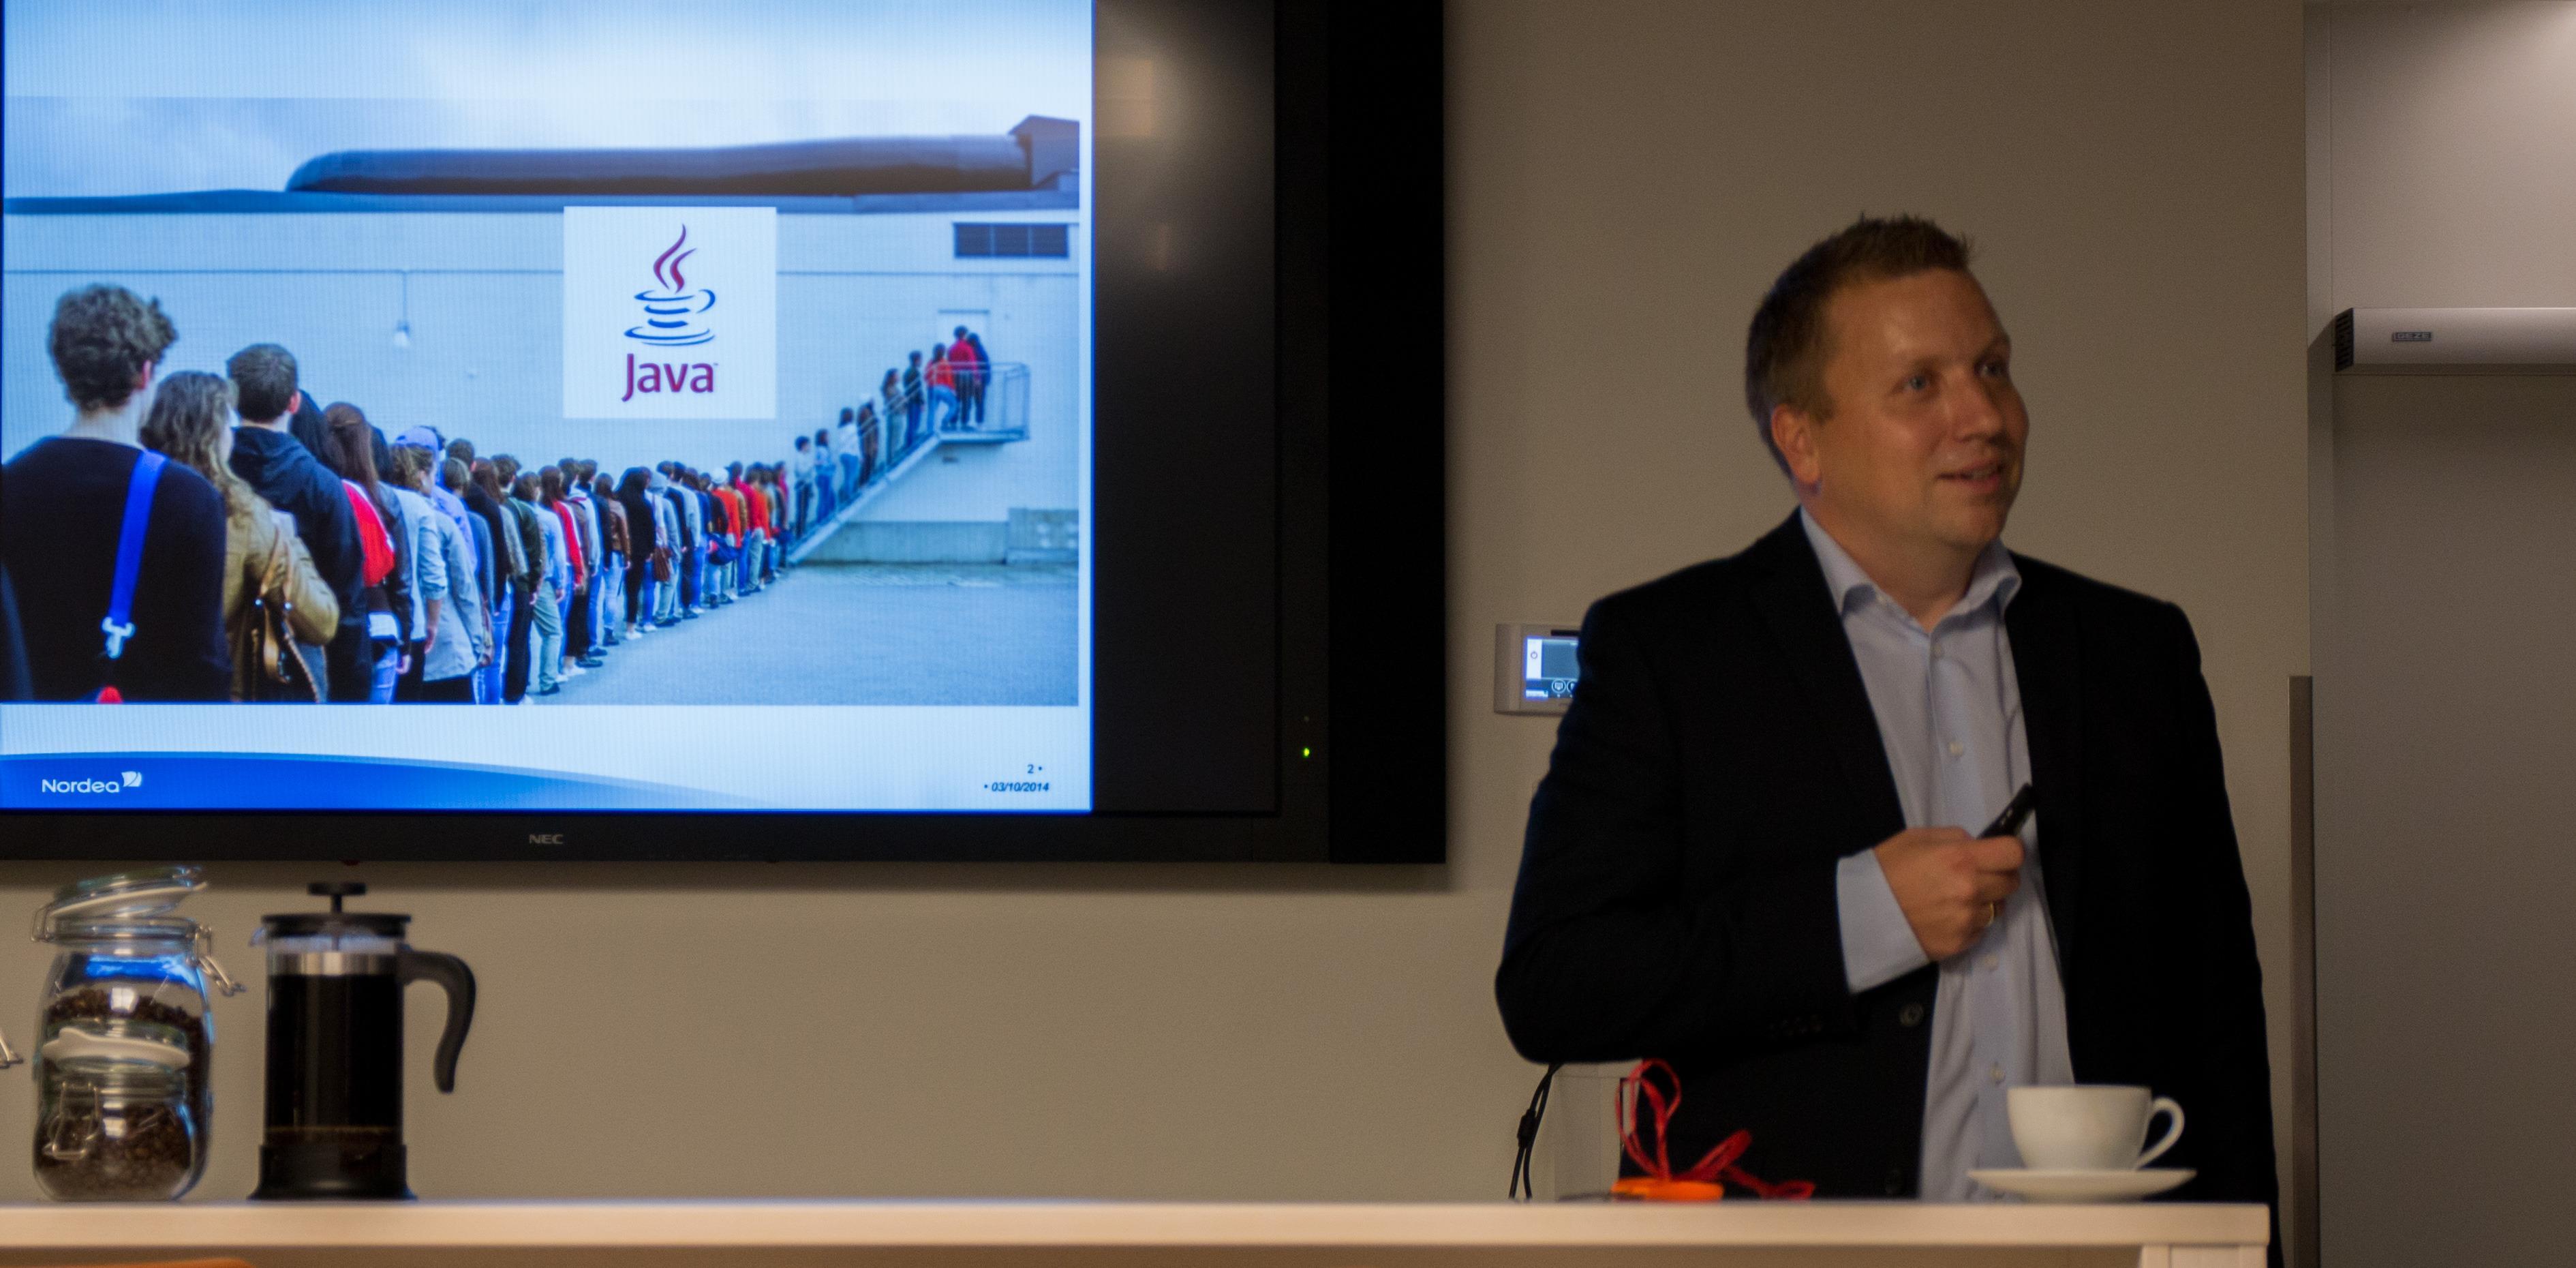 Øistein Sandlie, leder av Nordeas kundesenter, kunne fortele om på-hodet-tilstander hver gang det kom en Java-oppdatering. Det blir det slutt på nå.Foto: Anders Brattensborg Smedsrud, Tek.no